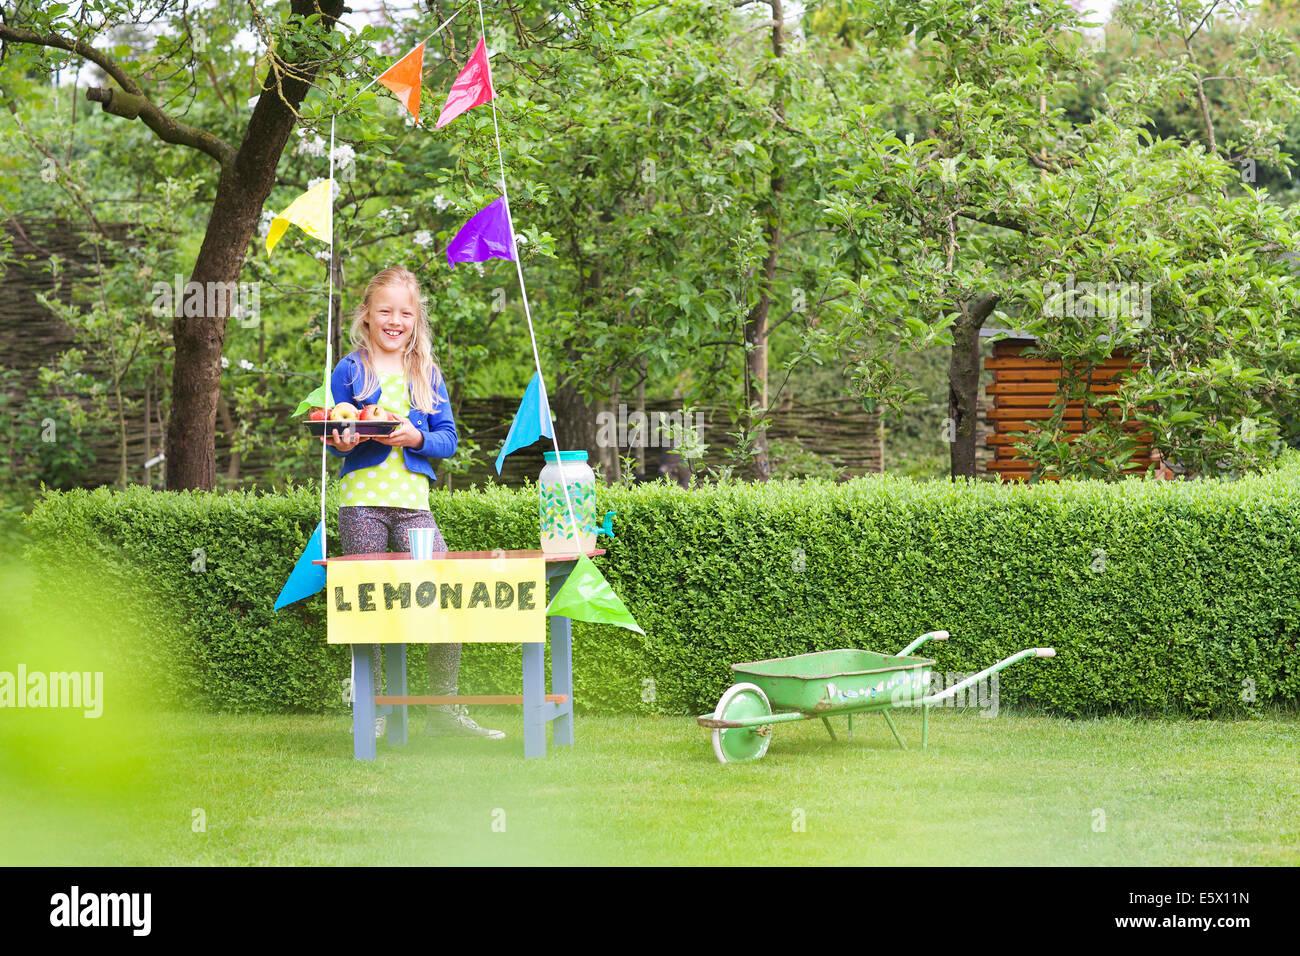 Lemonade stand girl avec bac de pommes derrière son stand Photo Stock